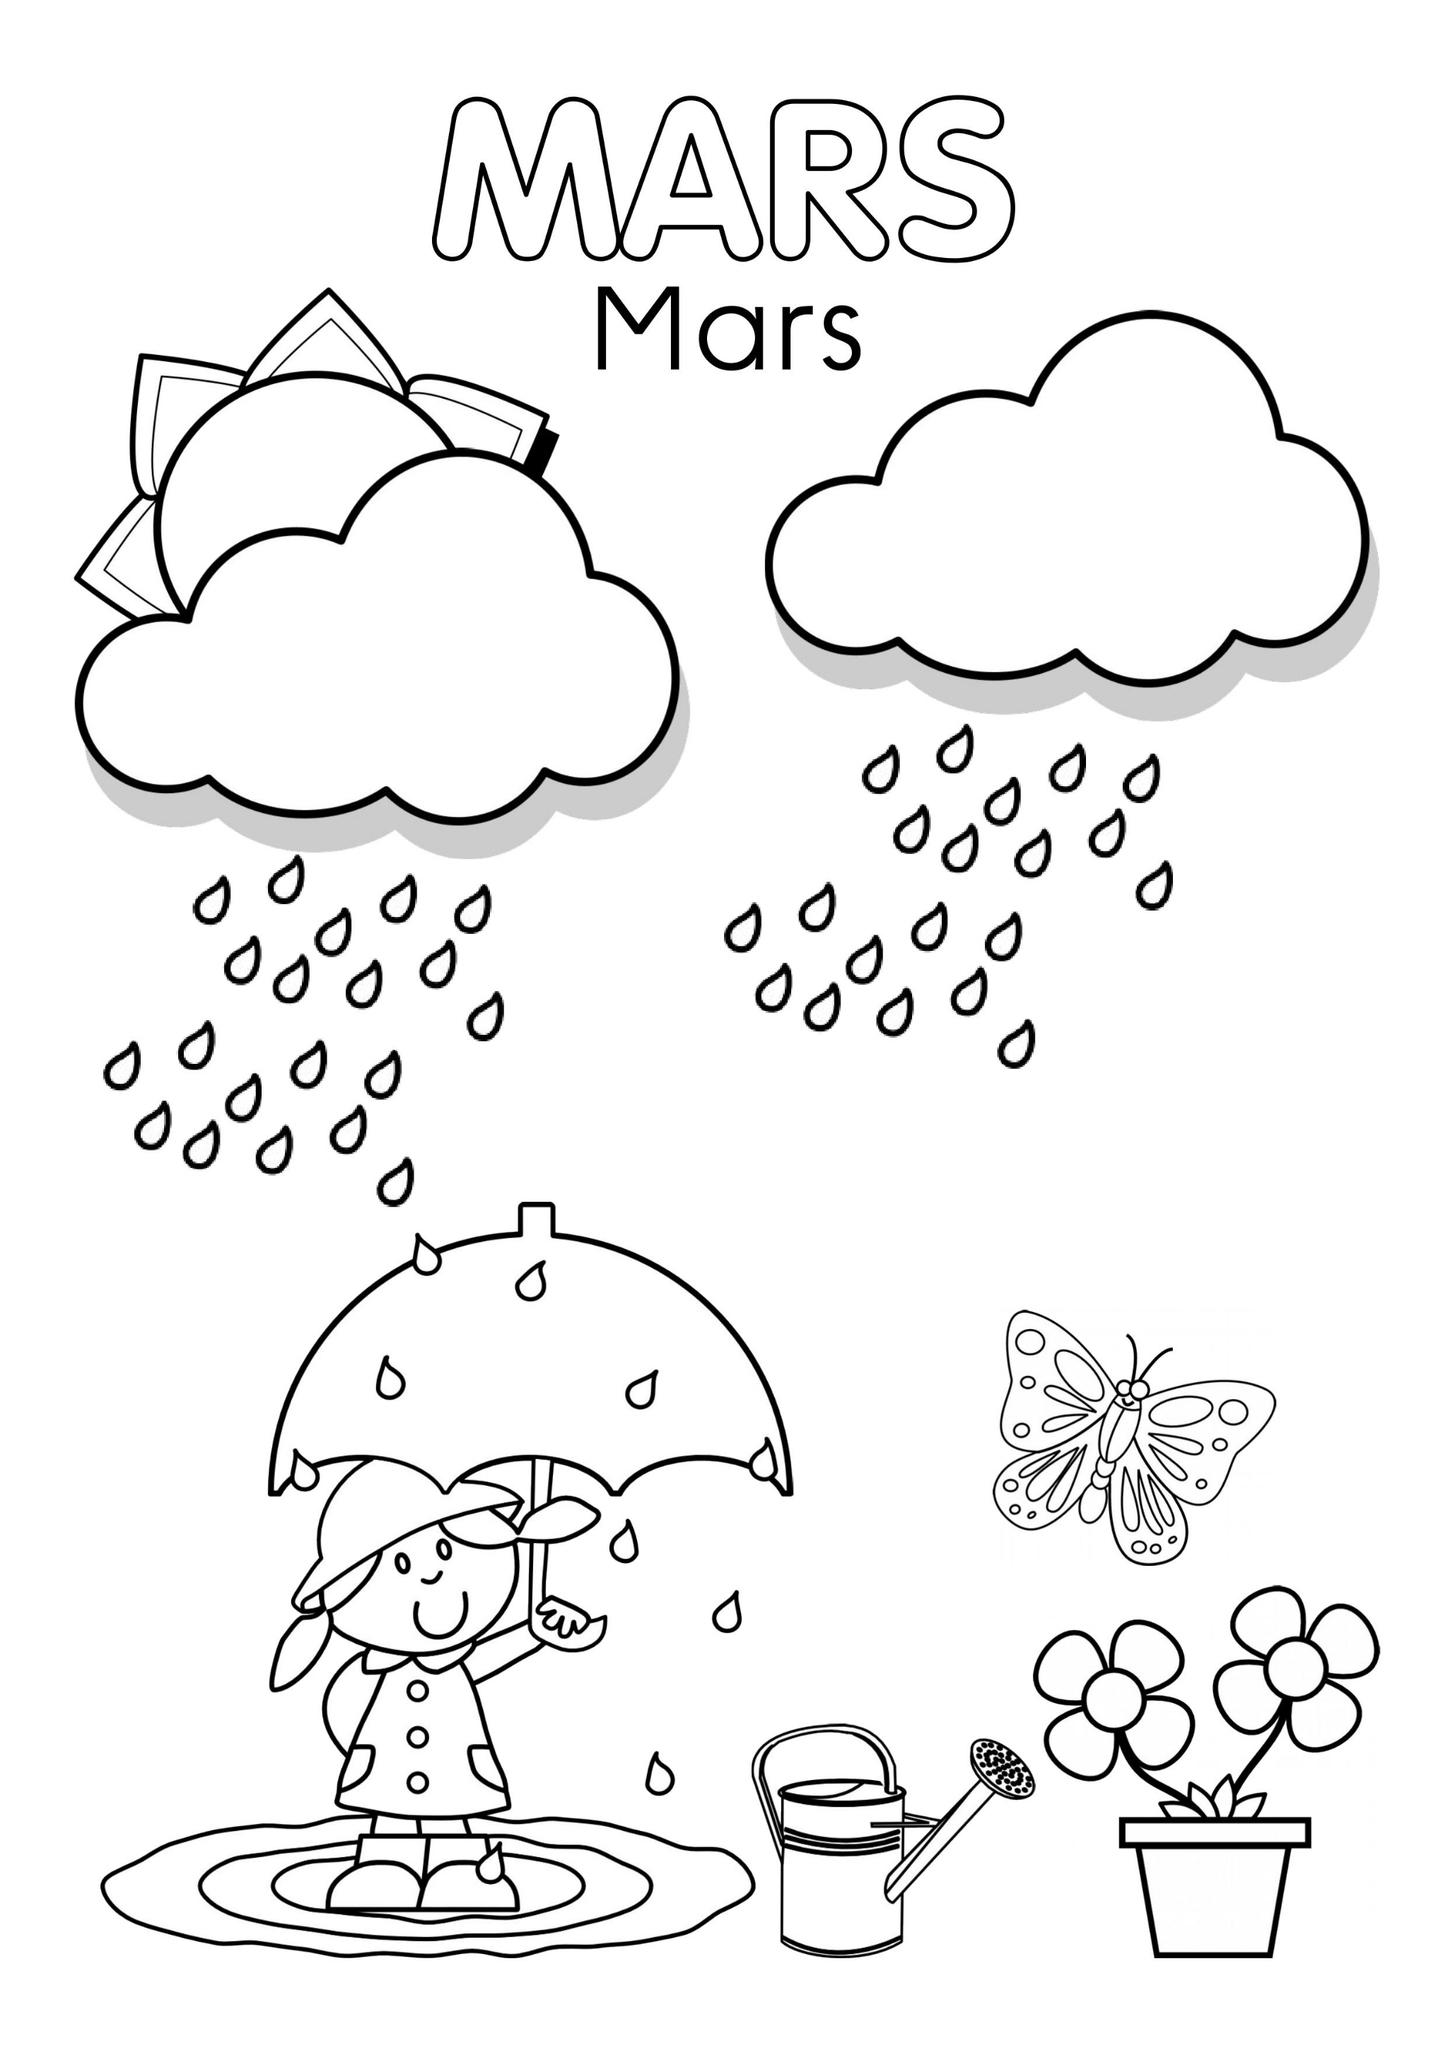 Coloriages Mars - Assistante Maternelle Argenteuil - Orgemont intérieur Mois À Colorier Maternelle